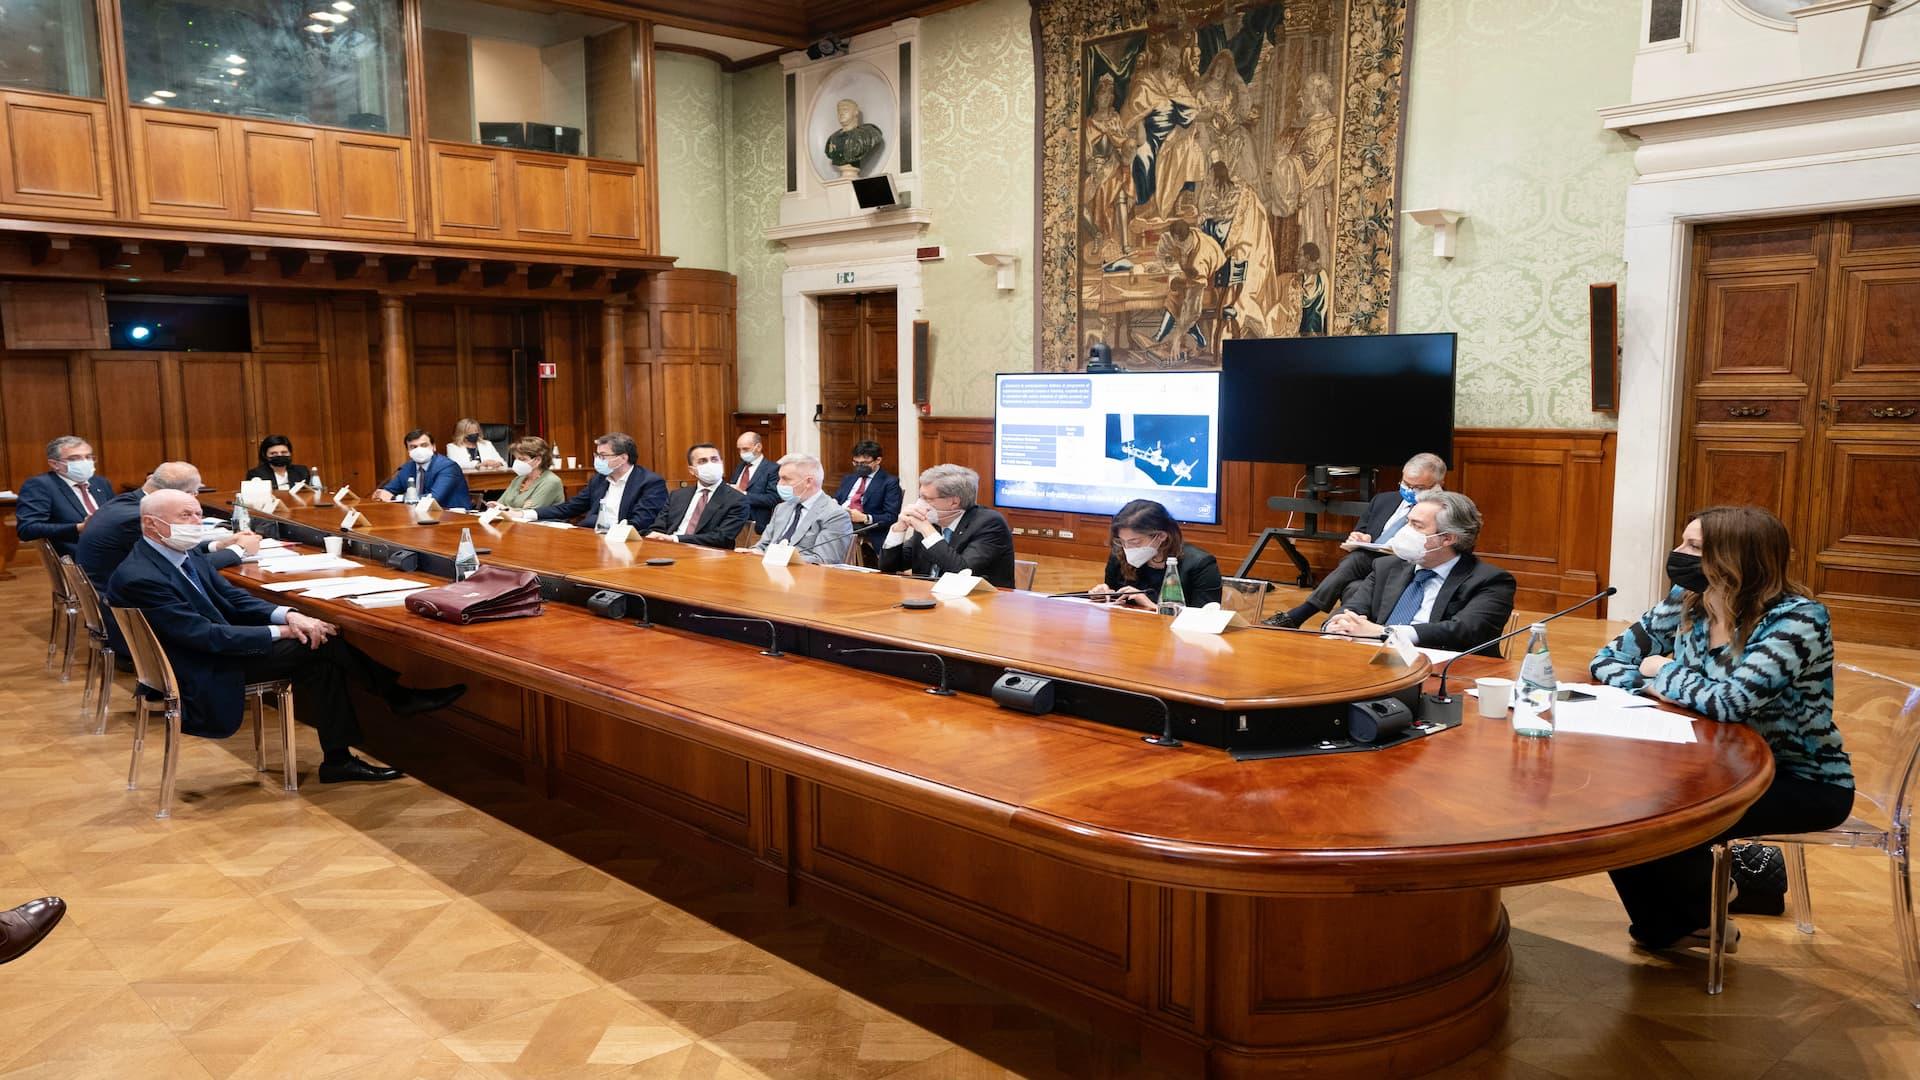 ASI - COMINT, la tredicesima seduta oggi a Palazzo Chigi